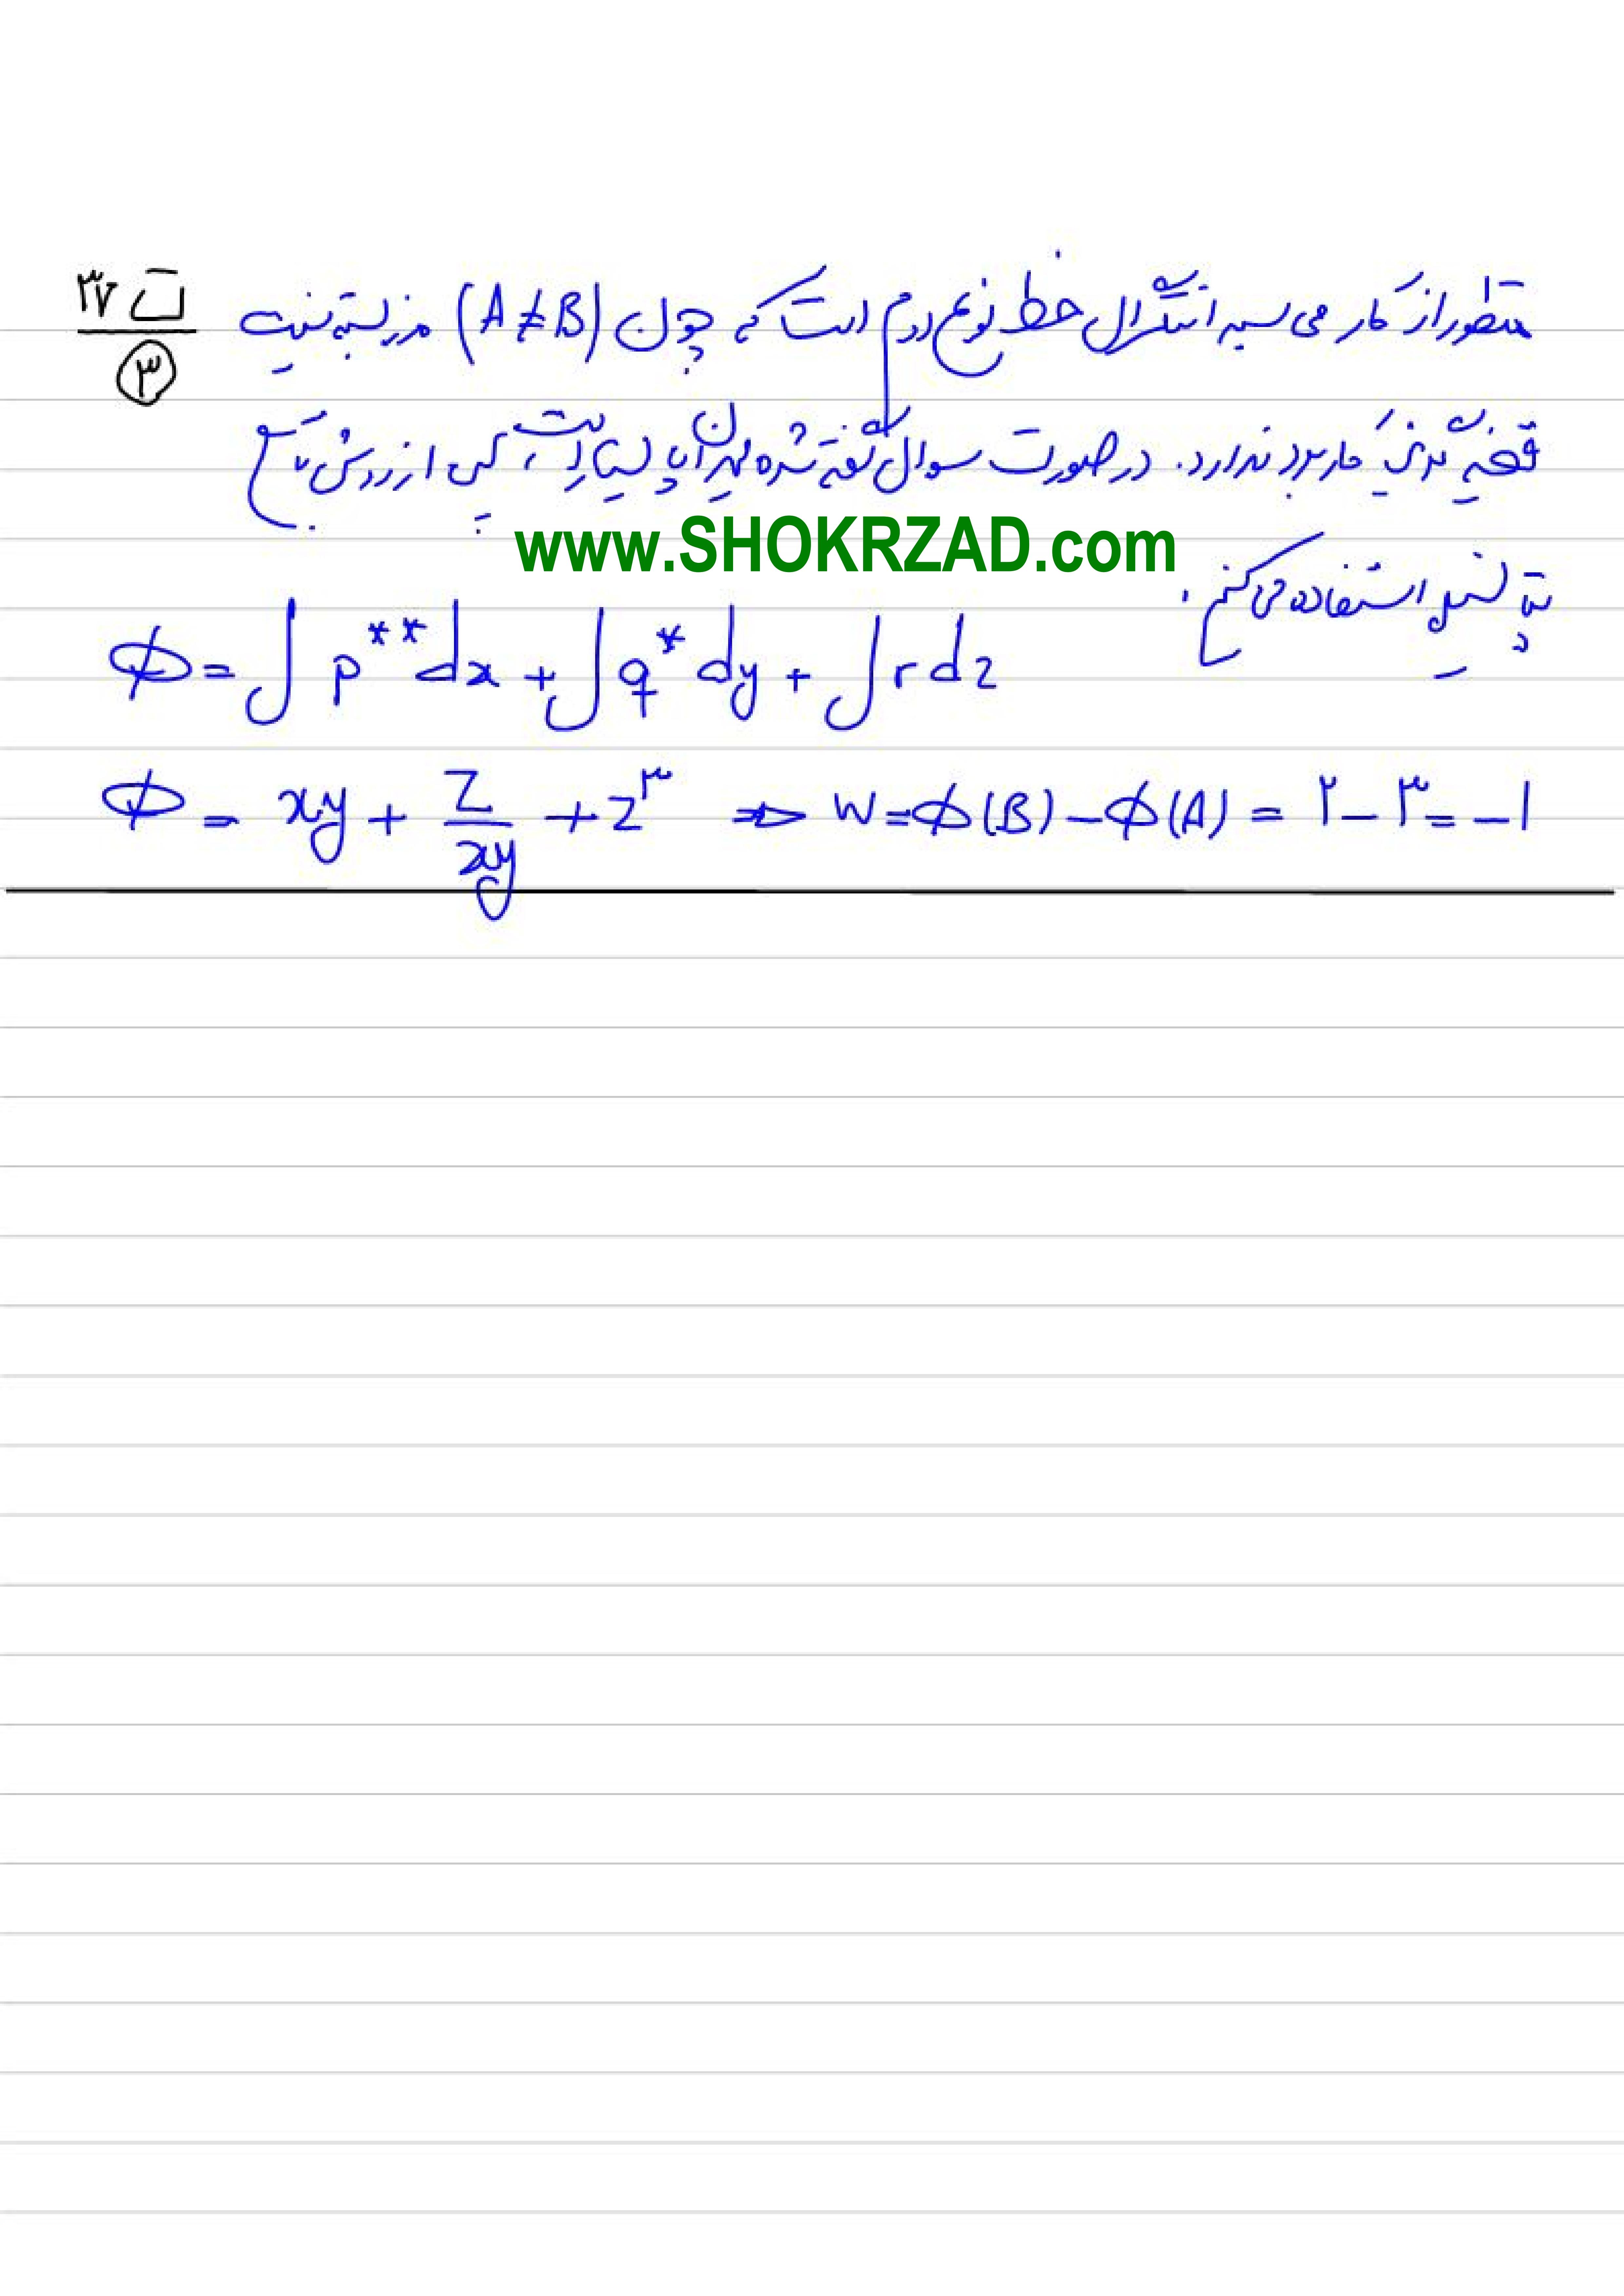 پاسخنامه تشریحی ریاضی عمومی ارشد مهندسی ایمنی صنعتی 98